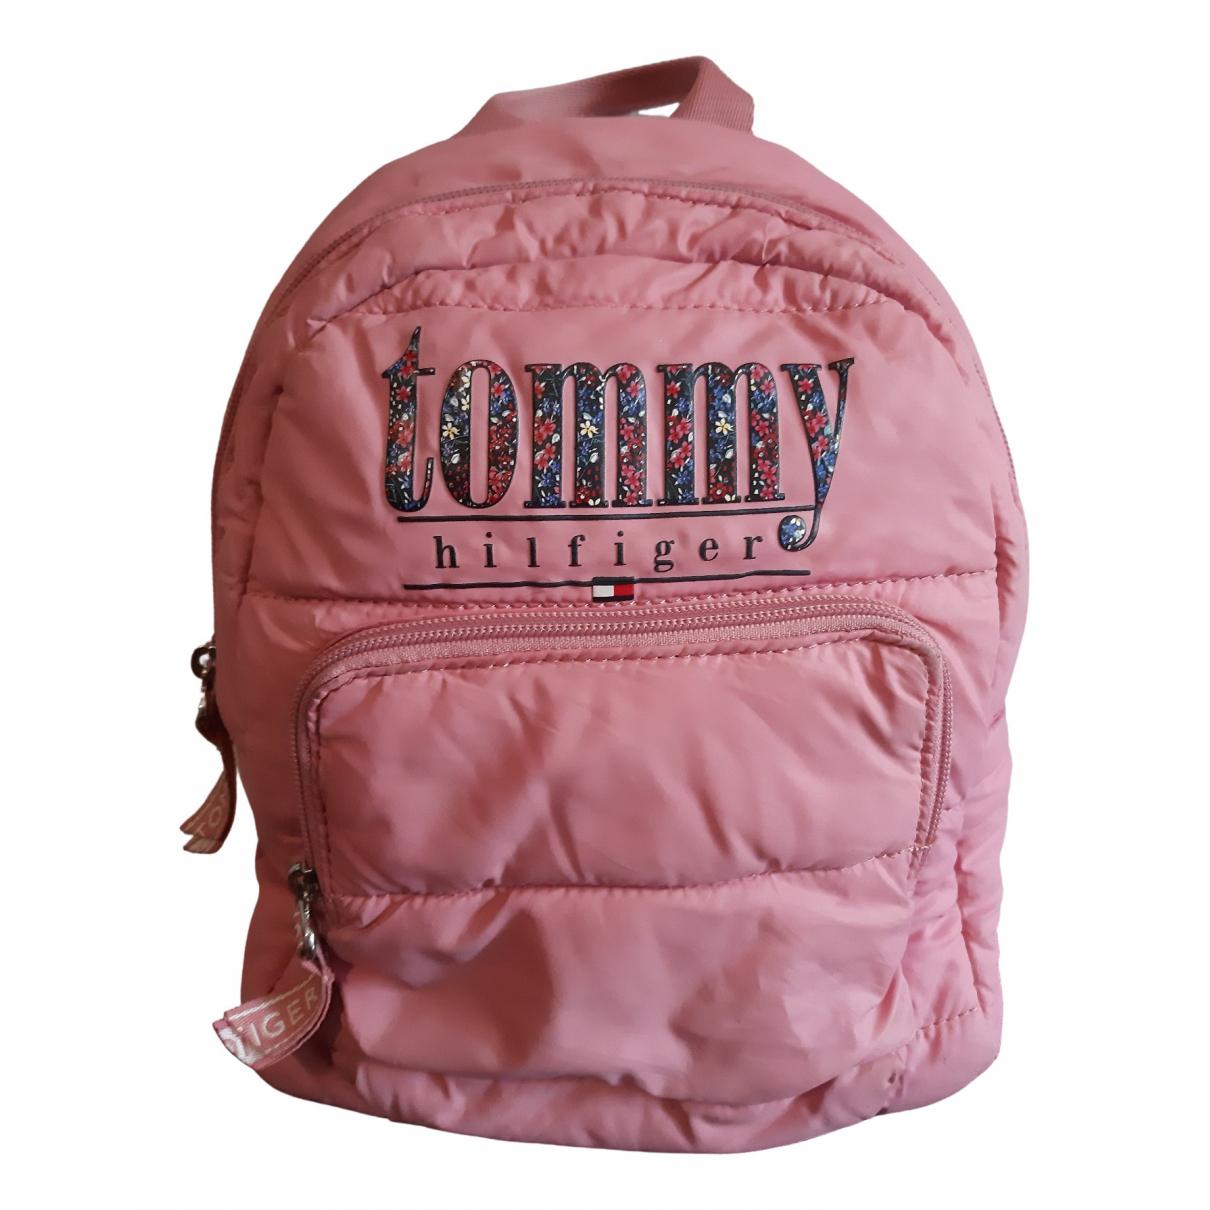 Tommy Hilfiger \N Pink backpack for Women \N